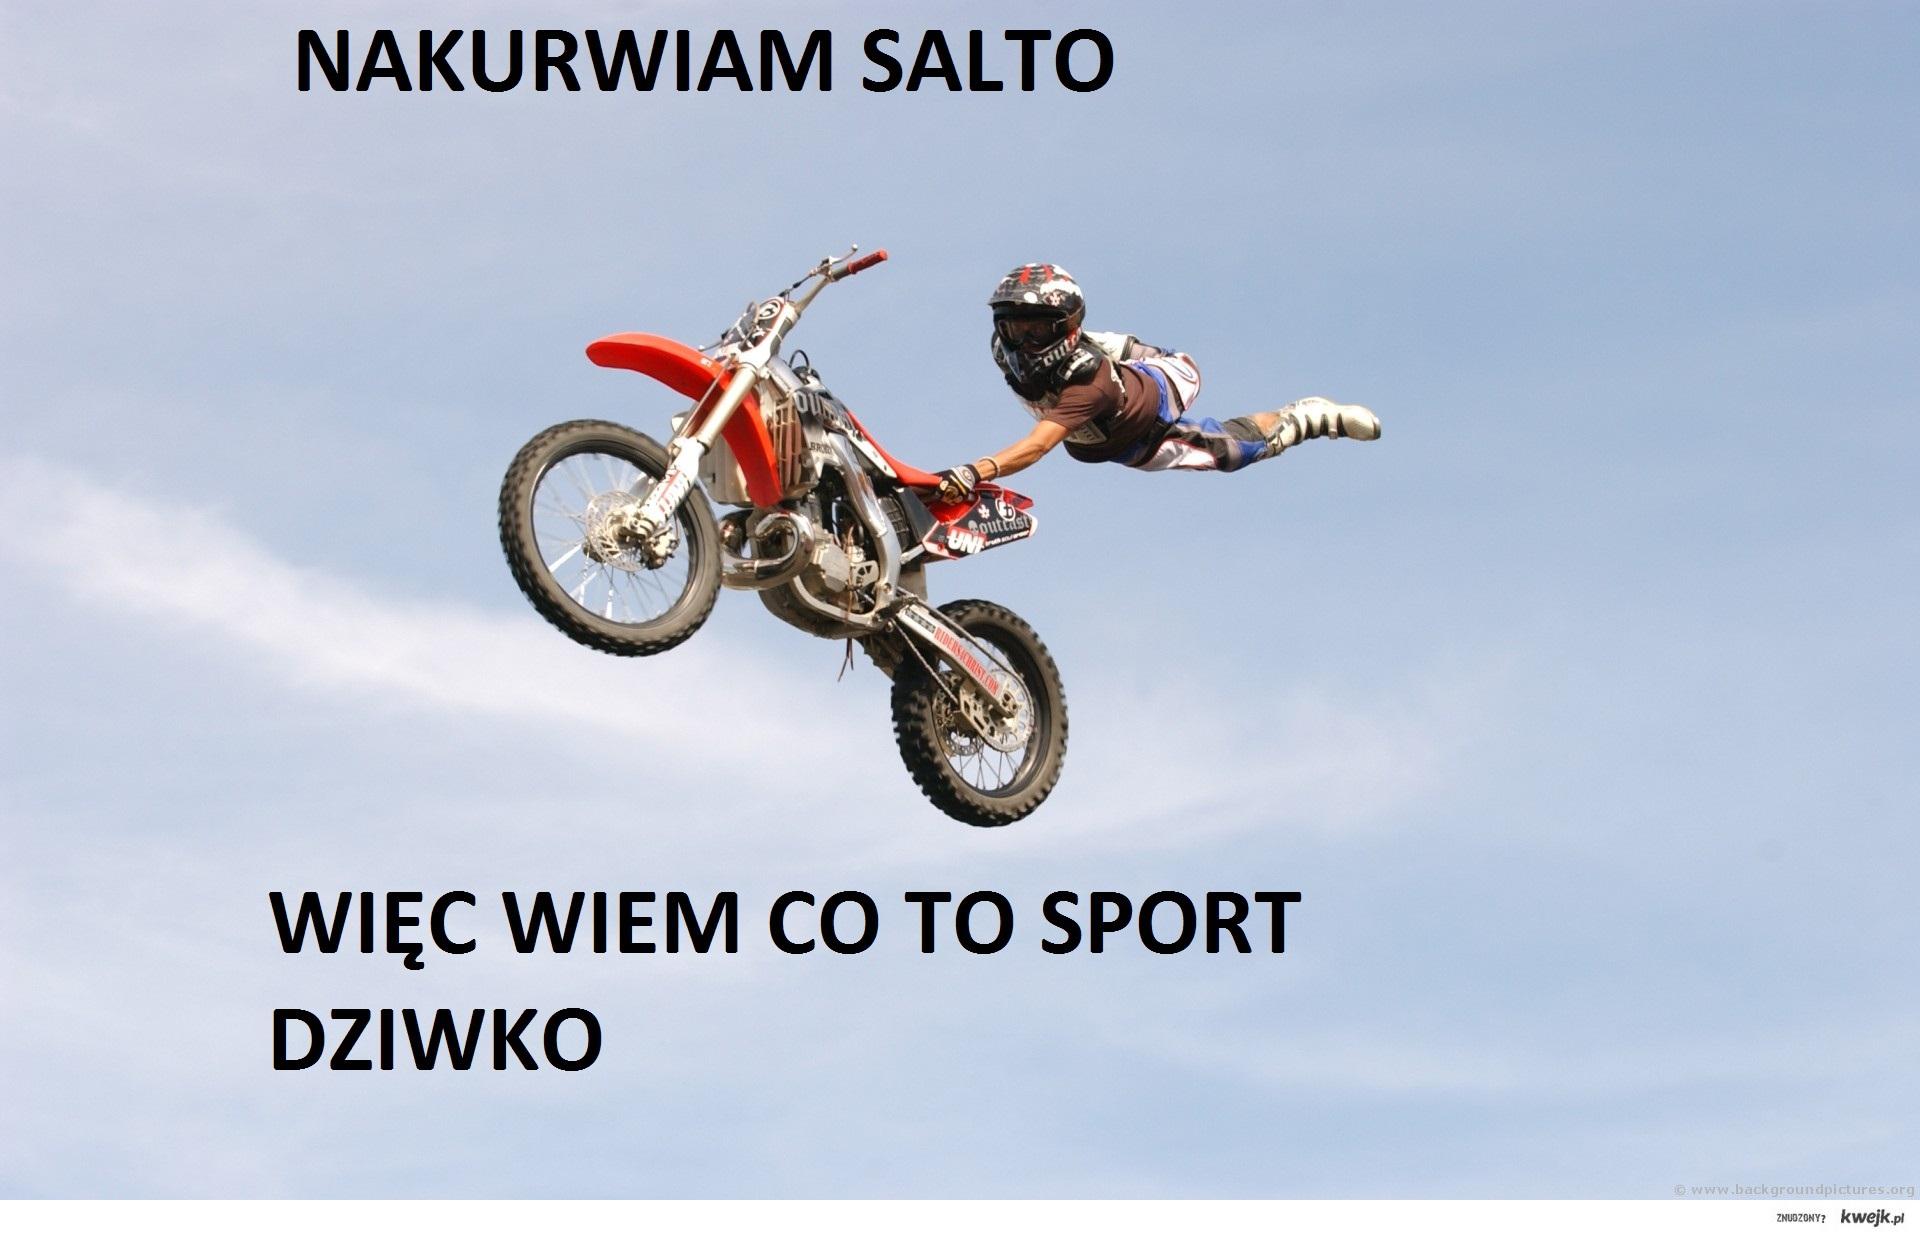 sportowe salto ;D